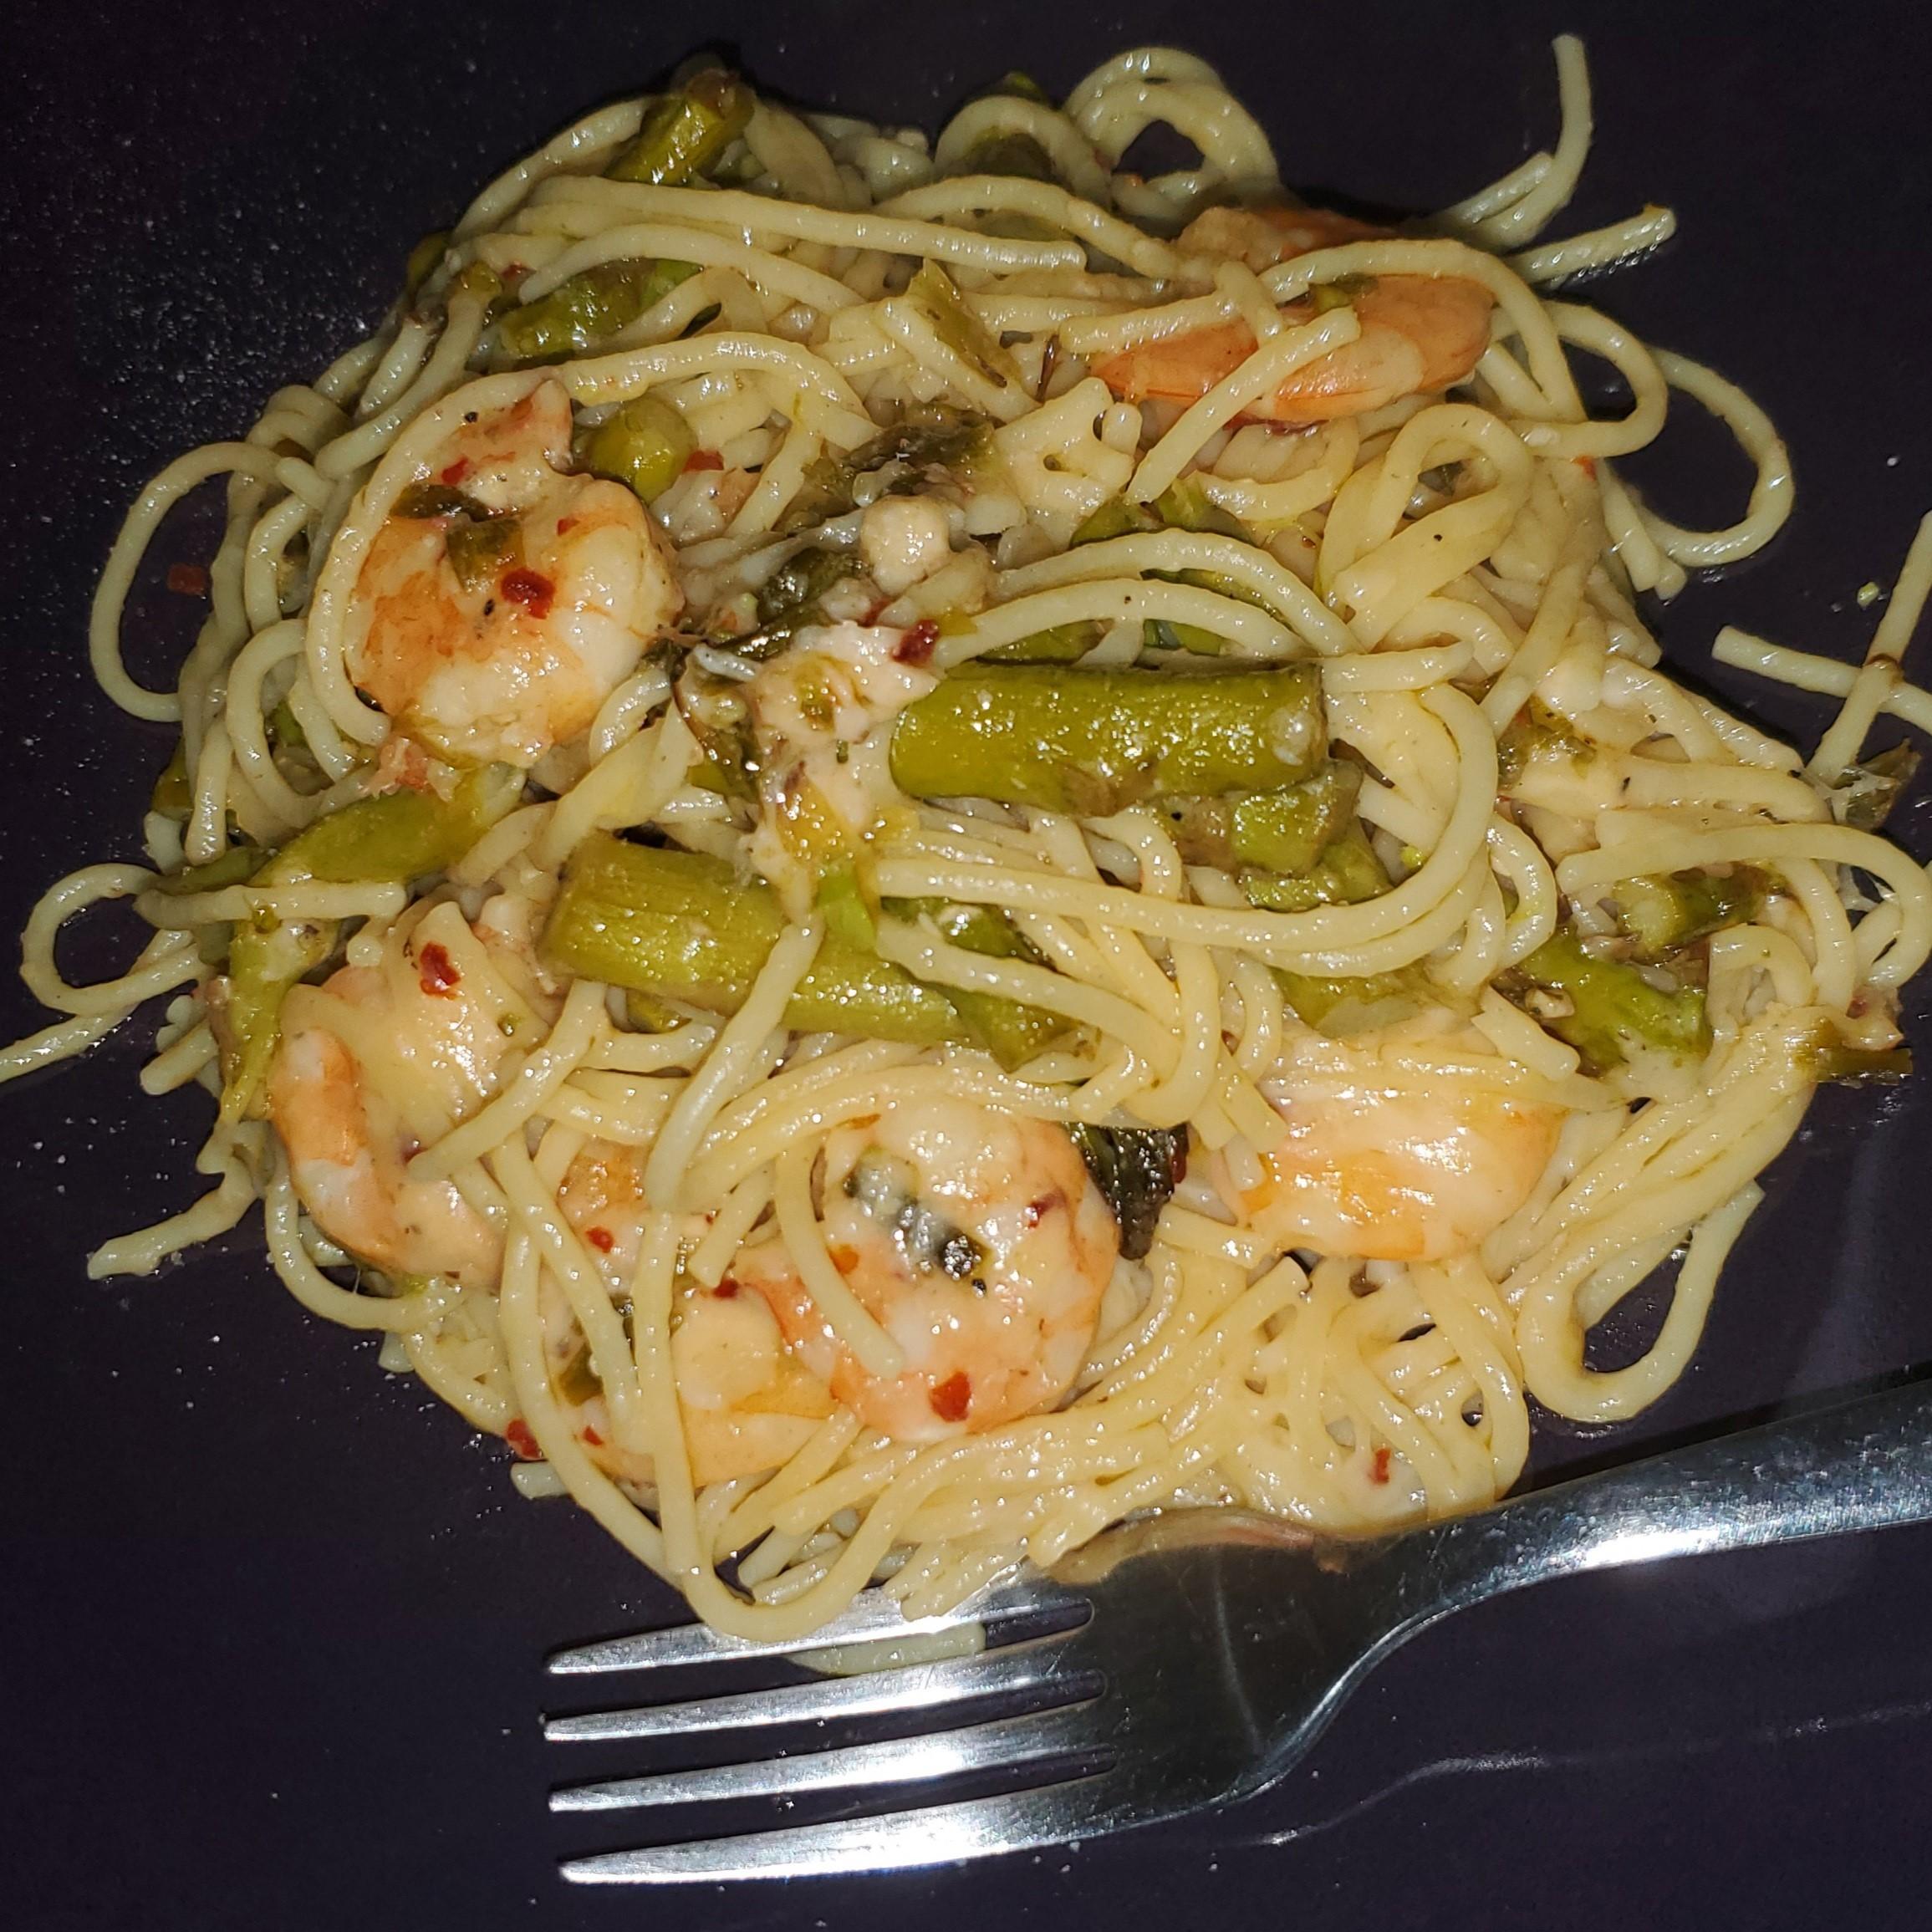 Shrimp and Asparagus with a Louisiana Twist